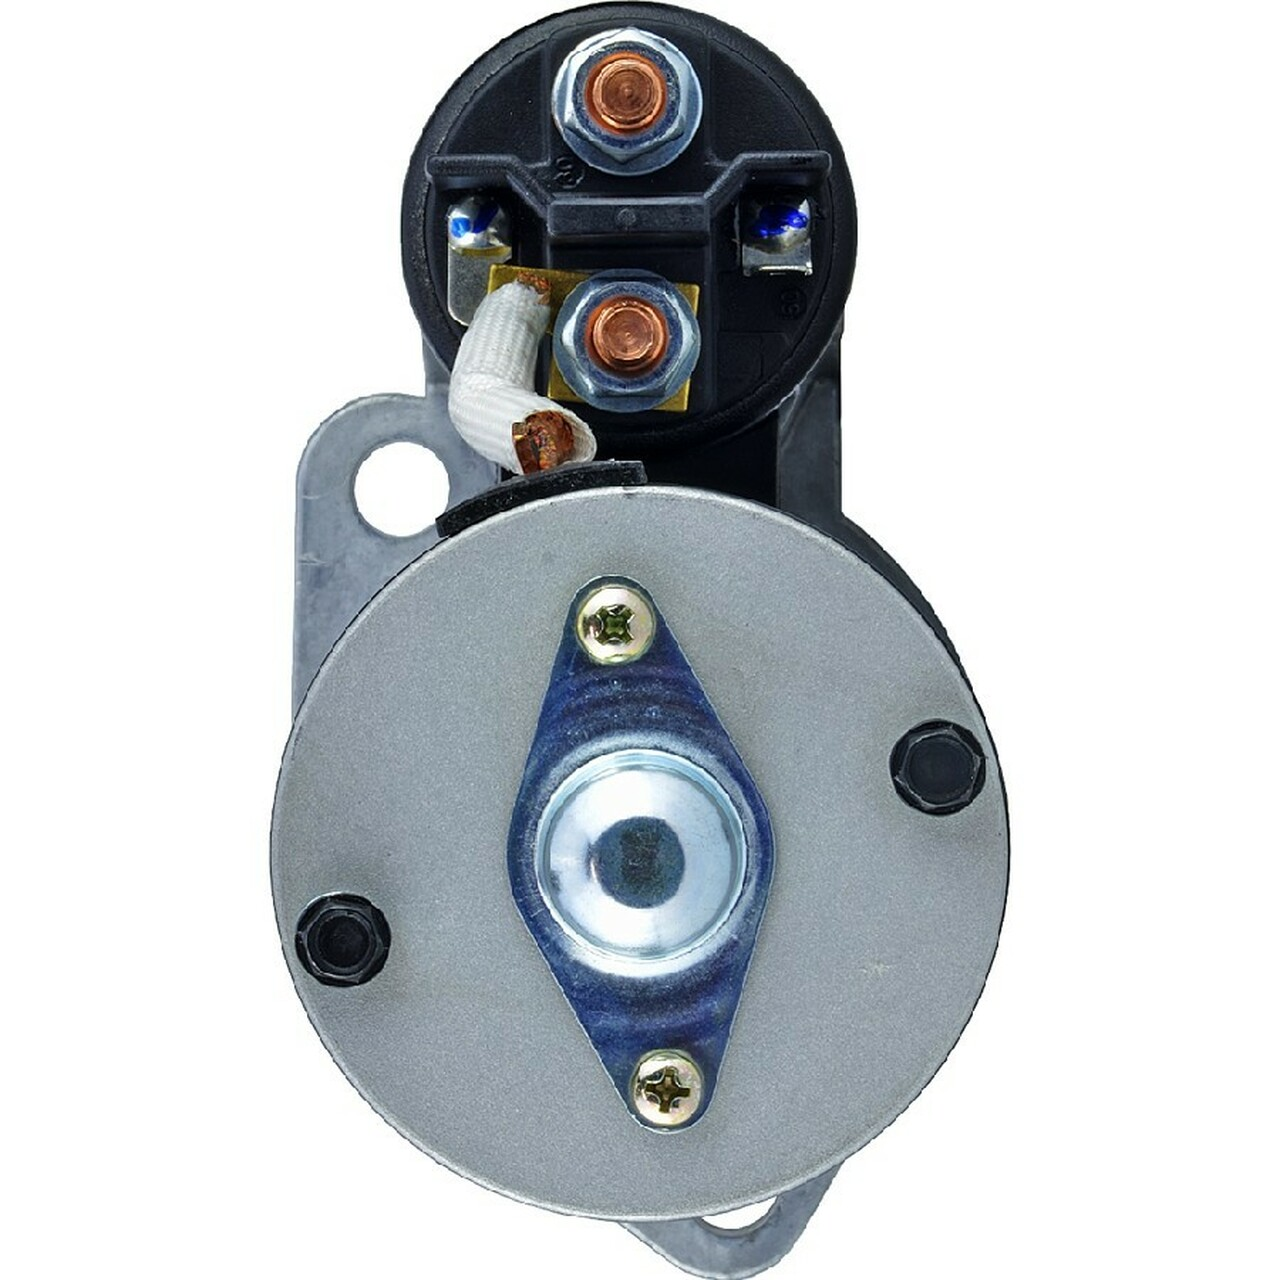 Starter For 0.4L HATZ 1D41 1D41S 50496200 50496201 LRS02760 11.130.922 AZE2605